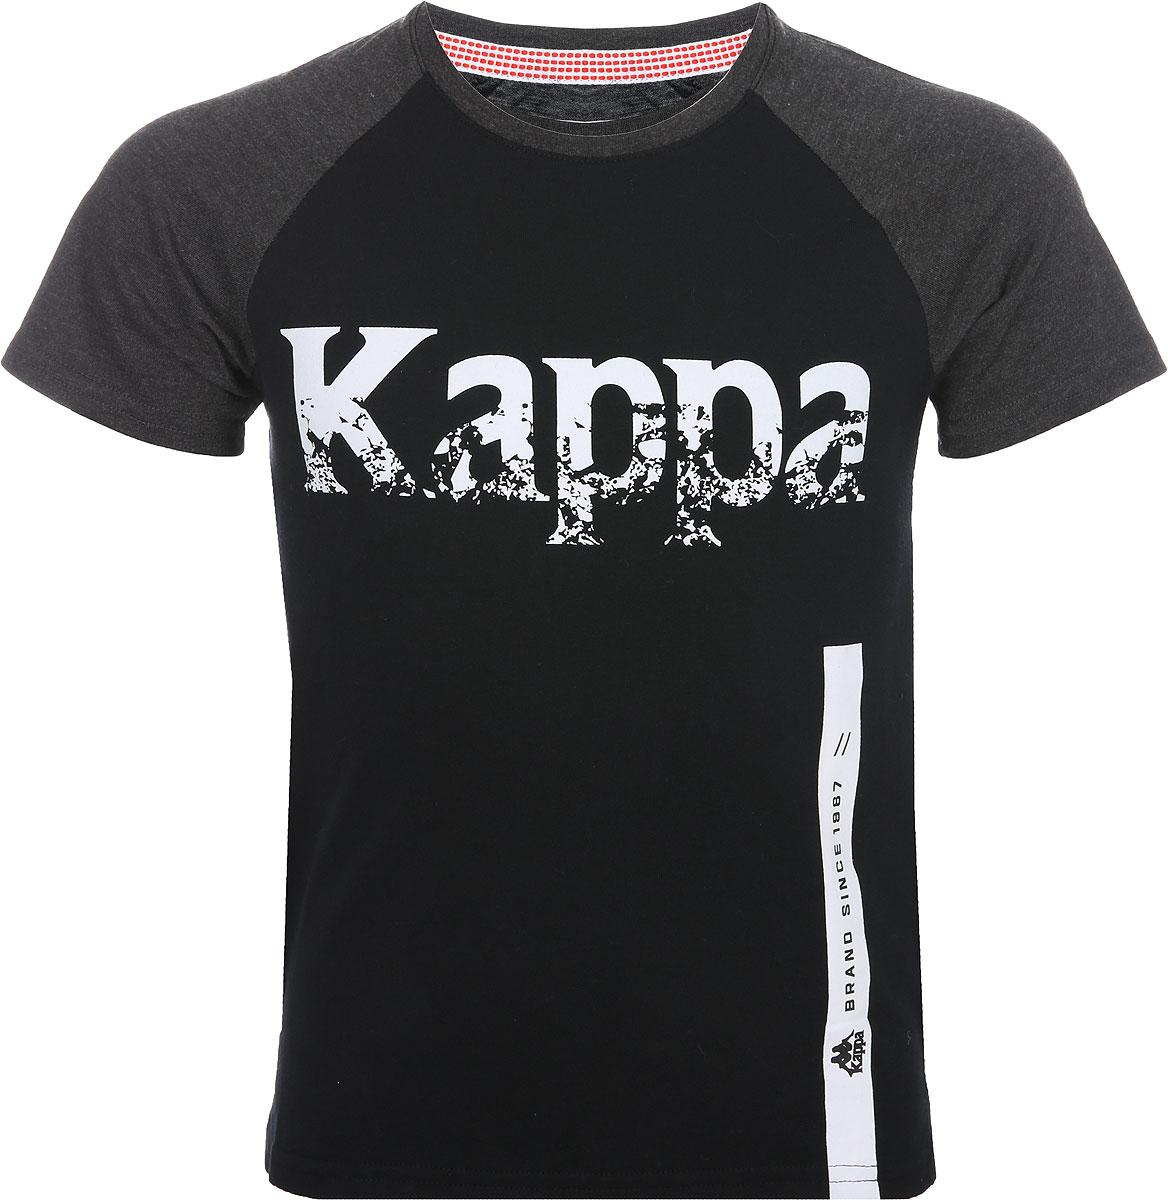 Футболка для мальчика Kappa, цвет: черный. 3032NA0-99. Размер 170